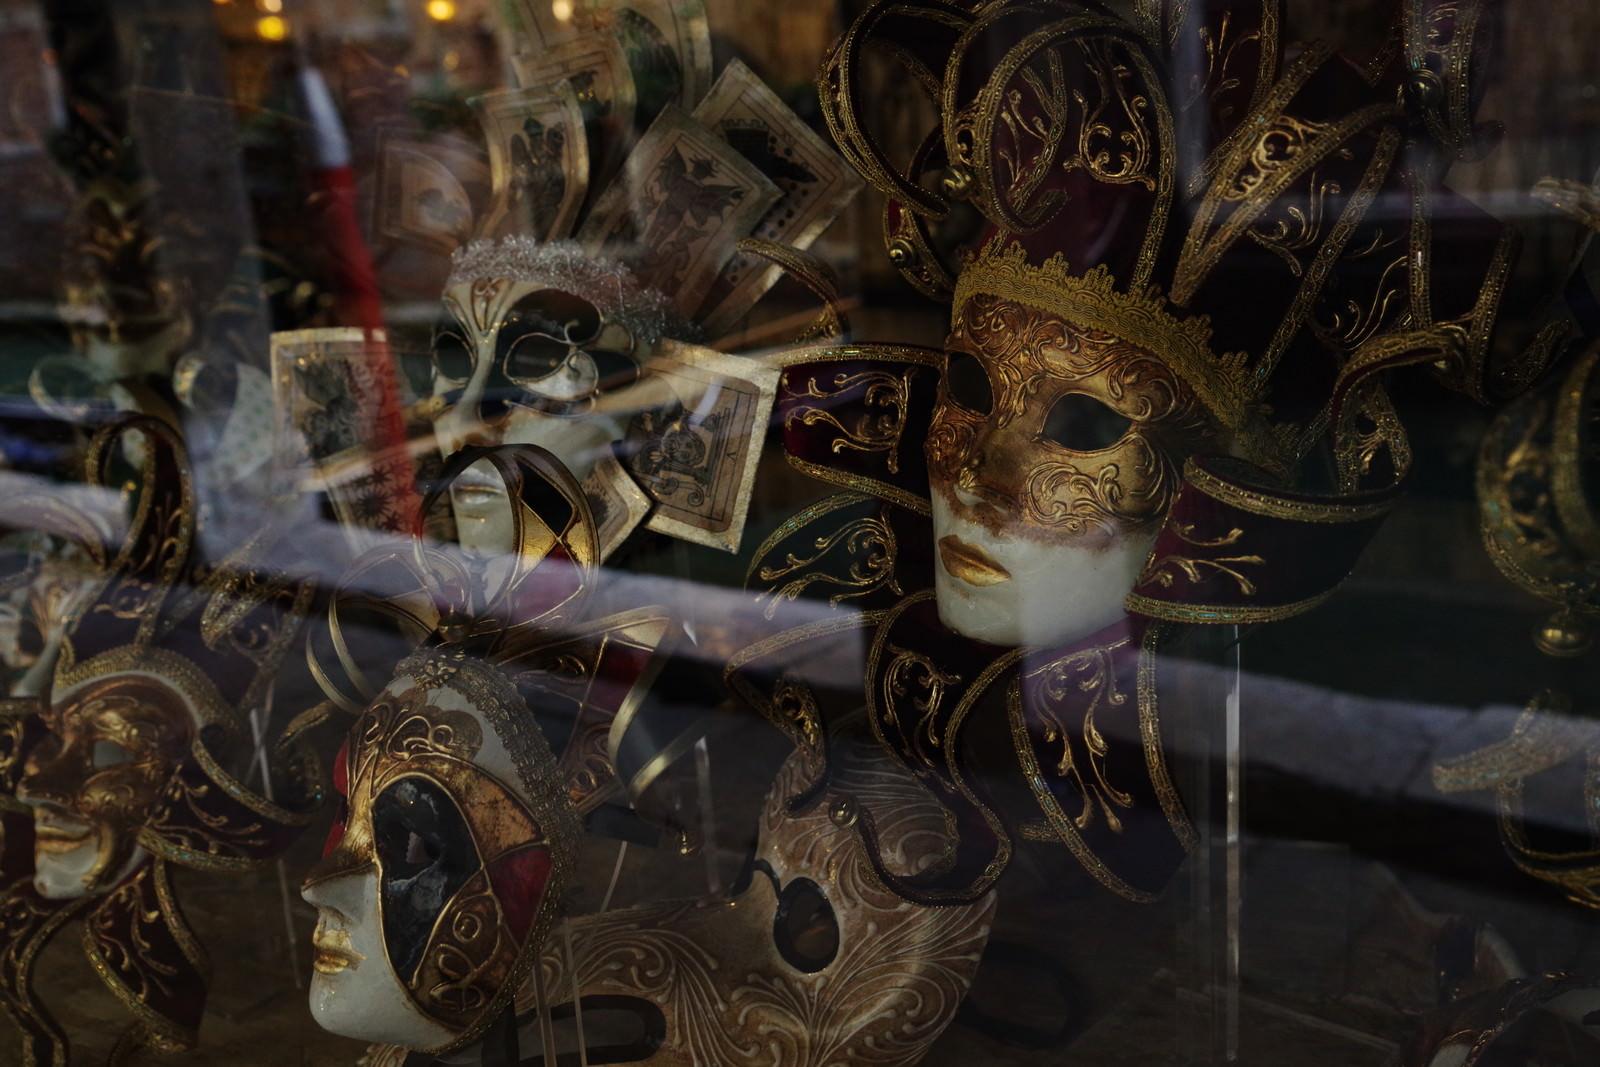 「飾り棚に並ぶヴェネチアンマスク(イタリア)」の写真